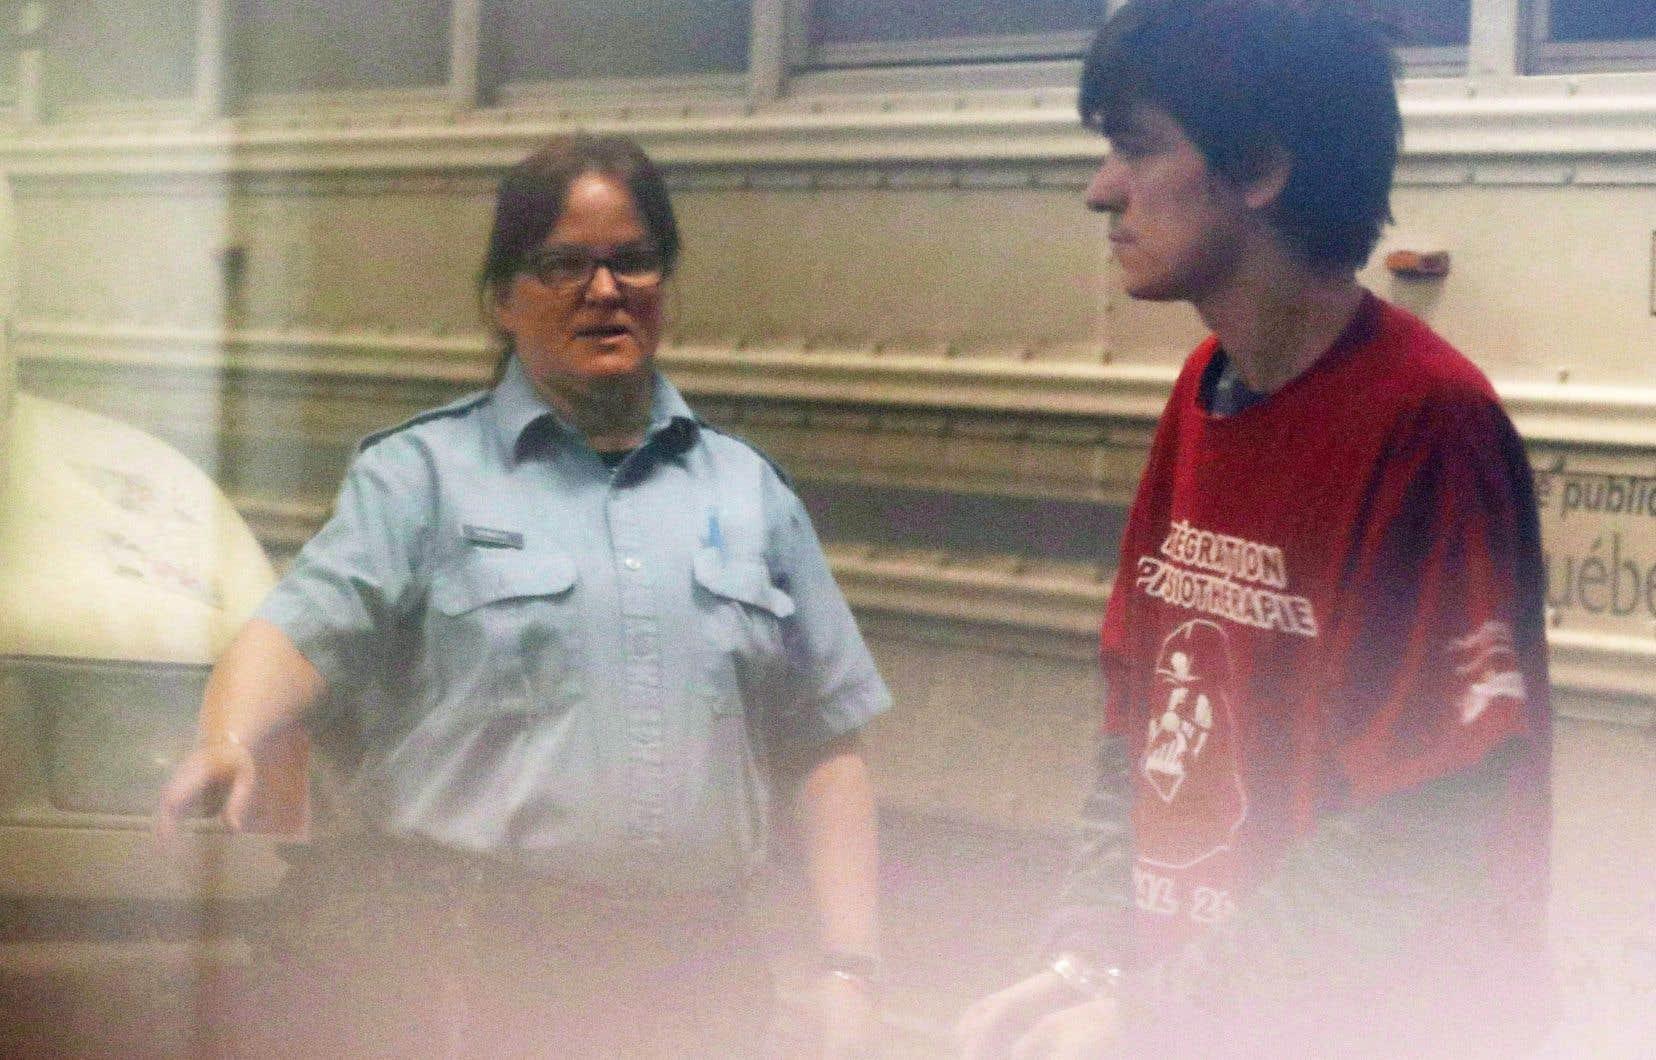 AlexandreBissonnette a été condamné à la prison à perpétuité sans possibilité de libération conditionnelle avant 40 ans.